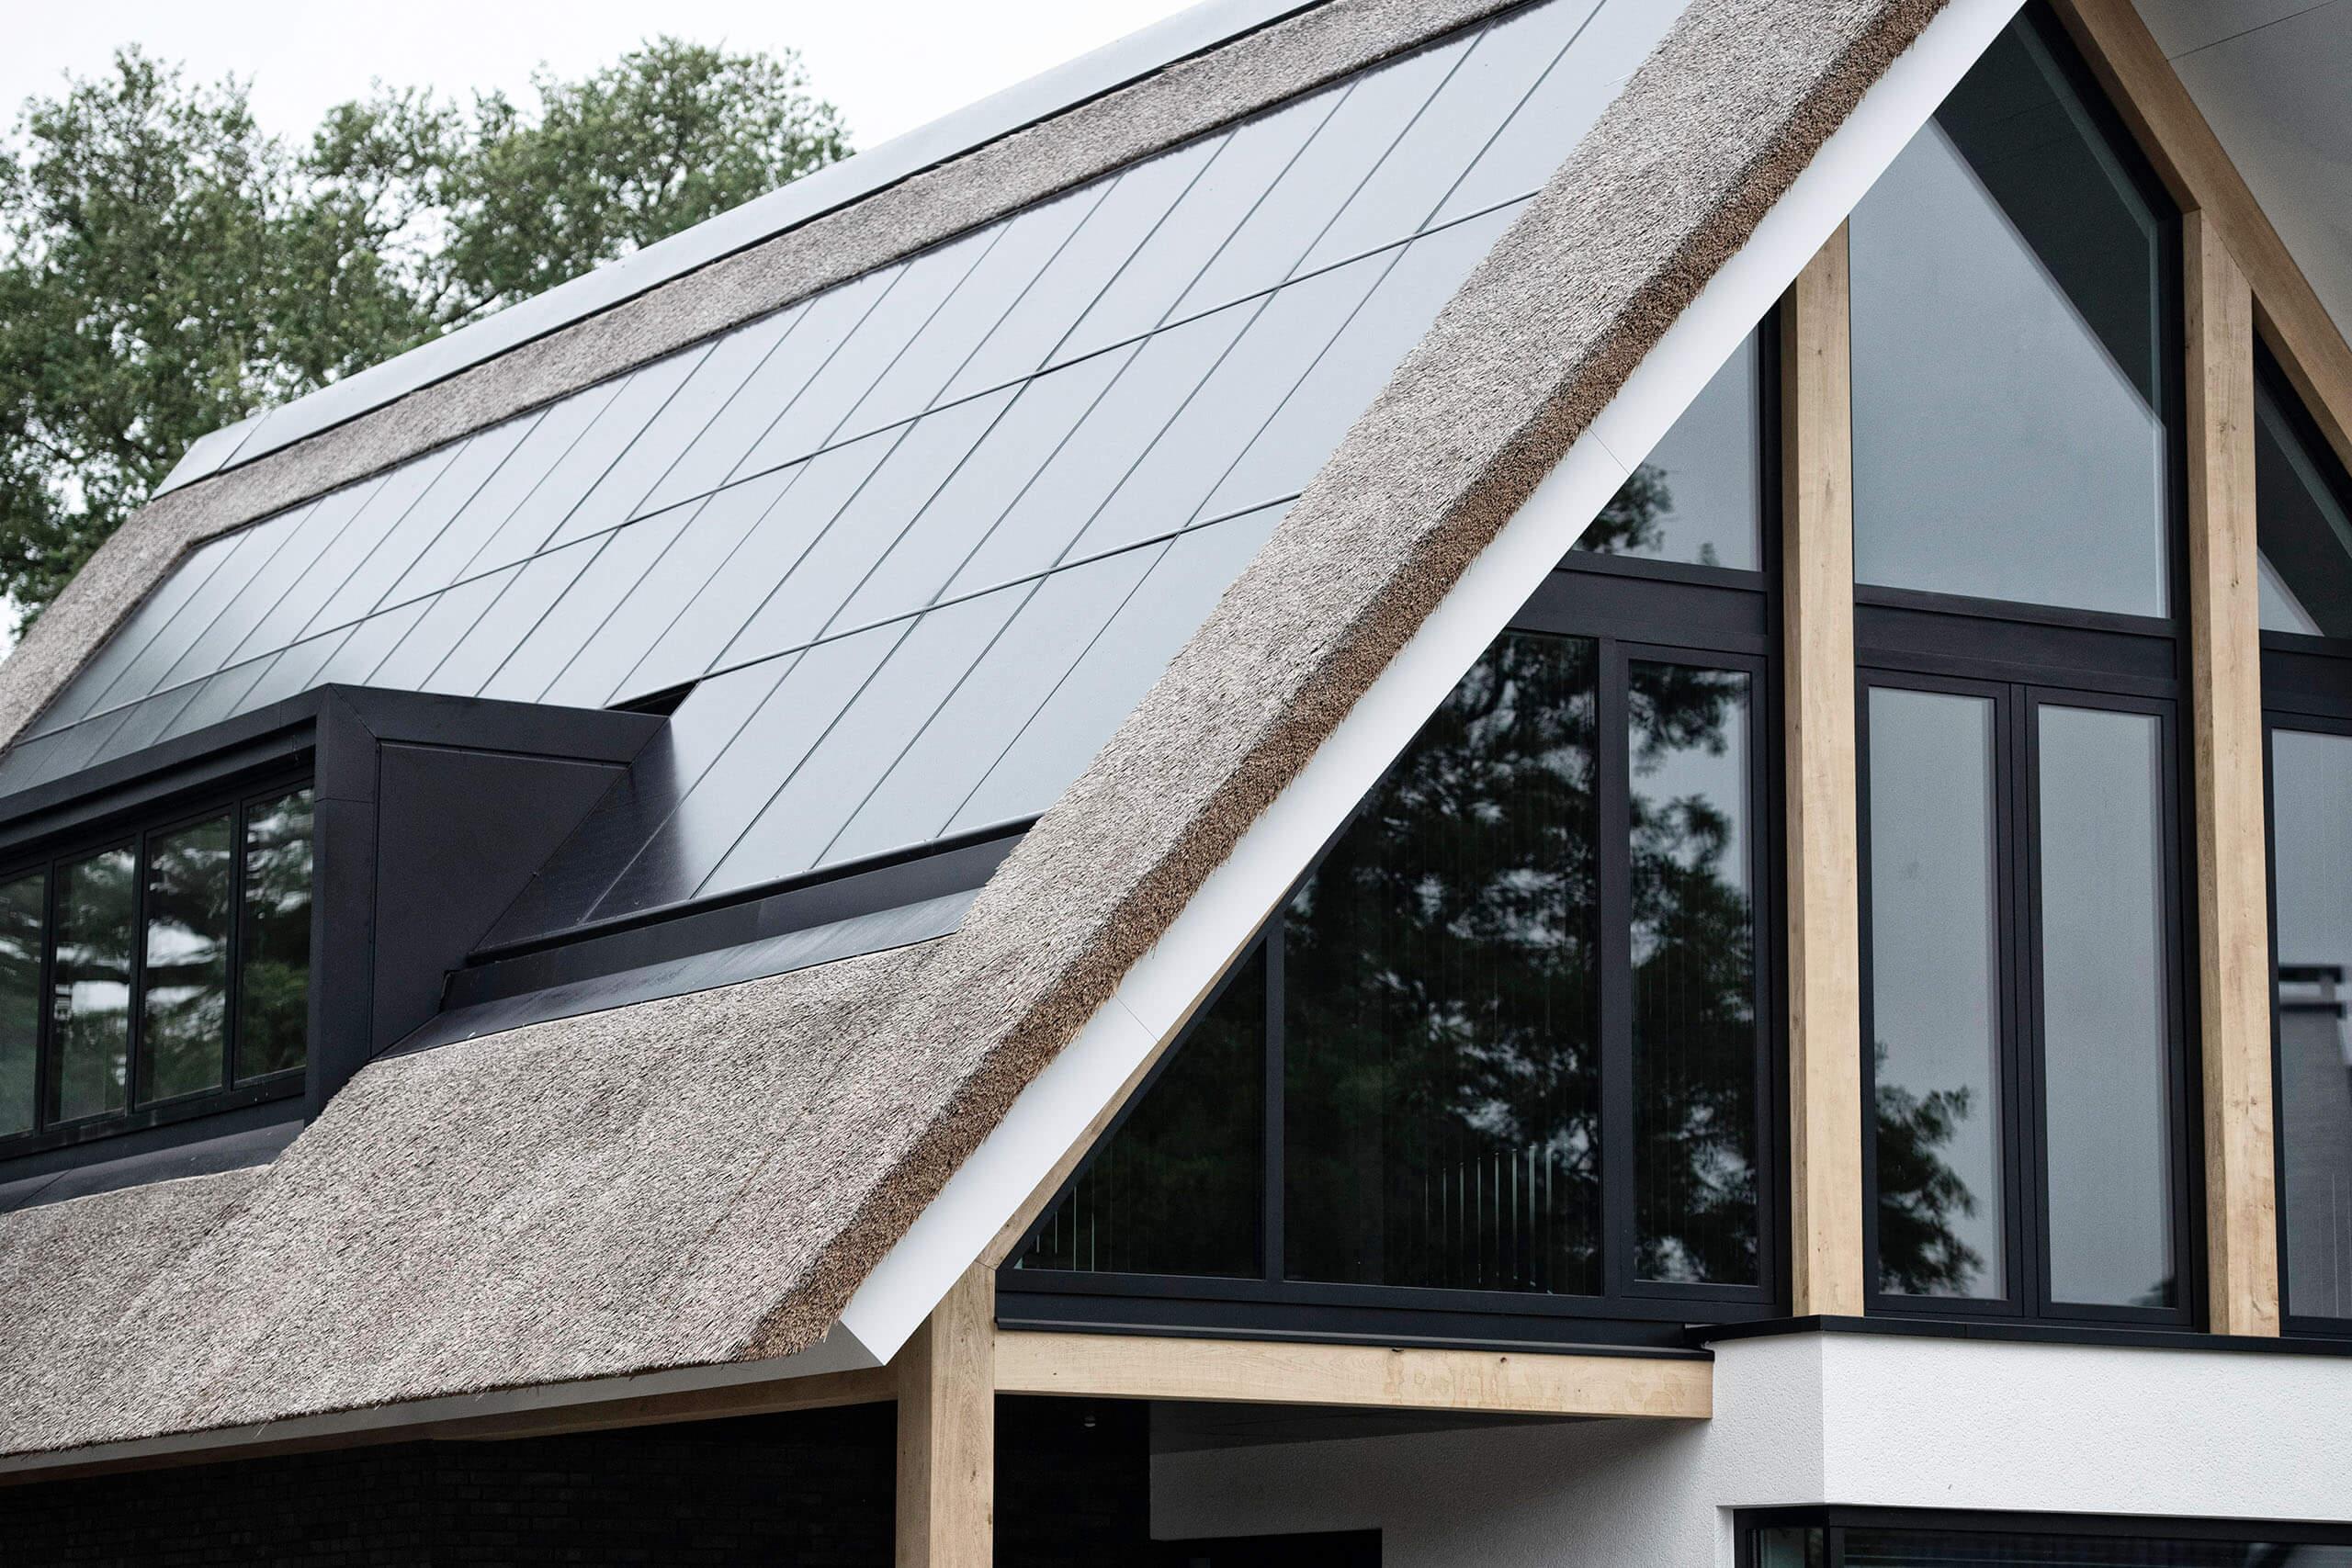 architectuurfotografie landelijk wonen Hengelo Delden Overijssel twente